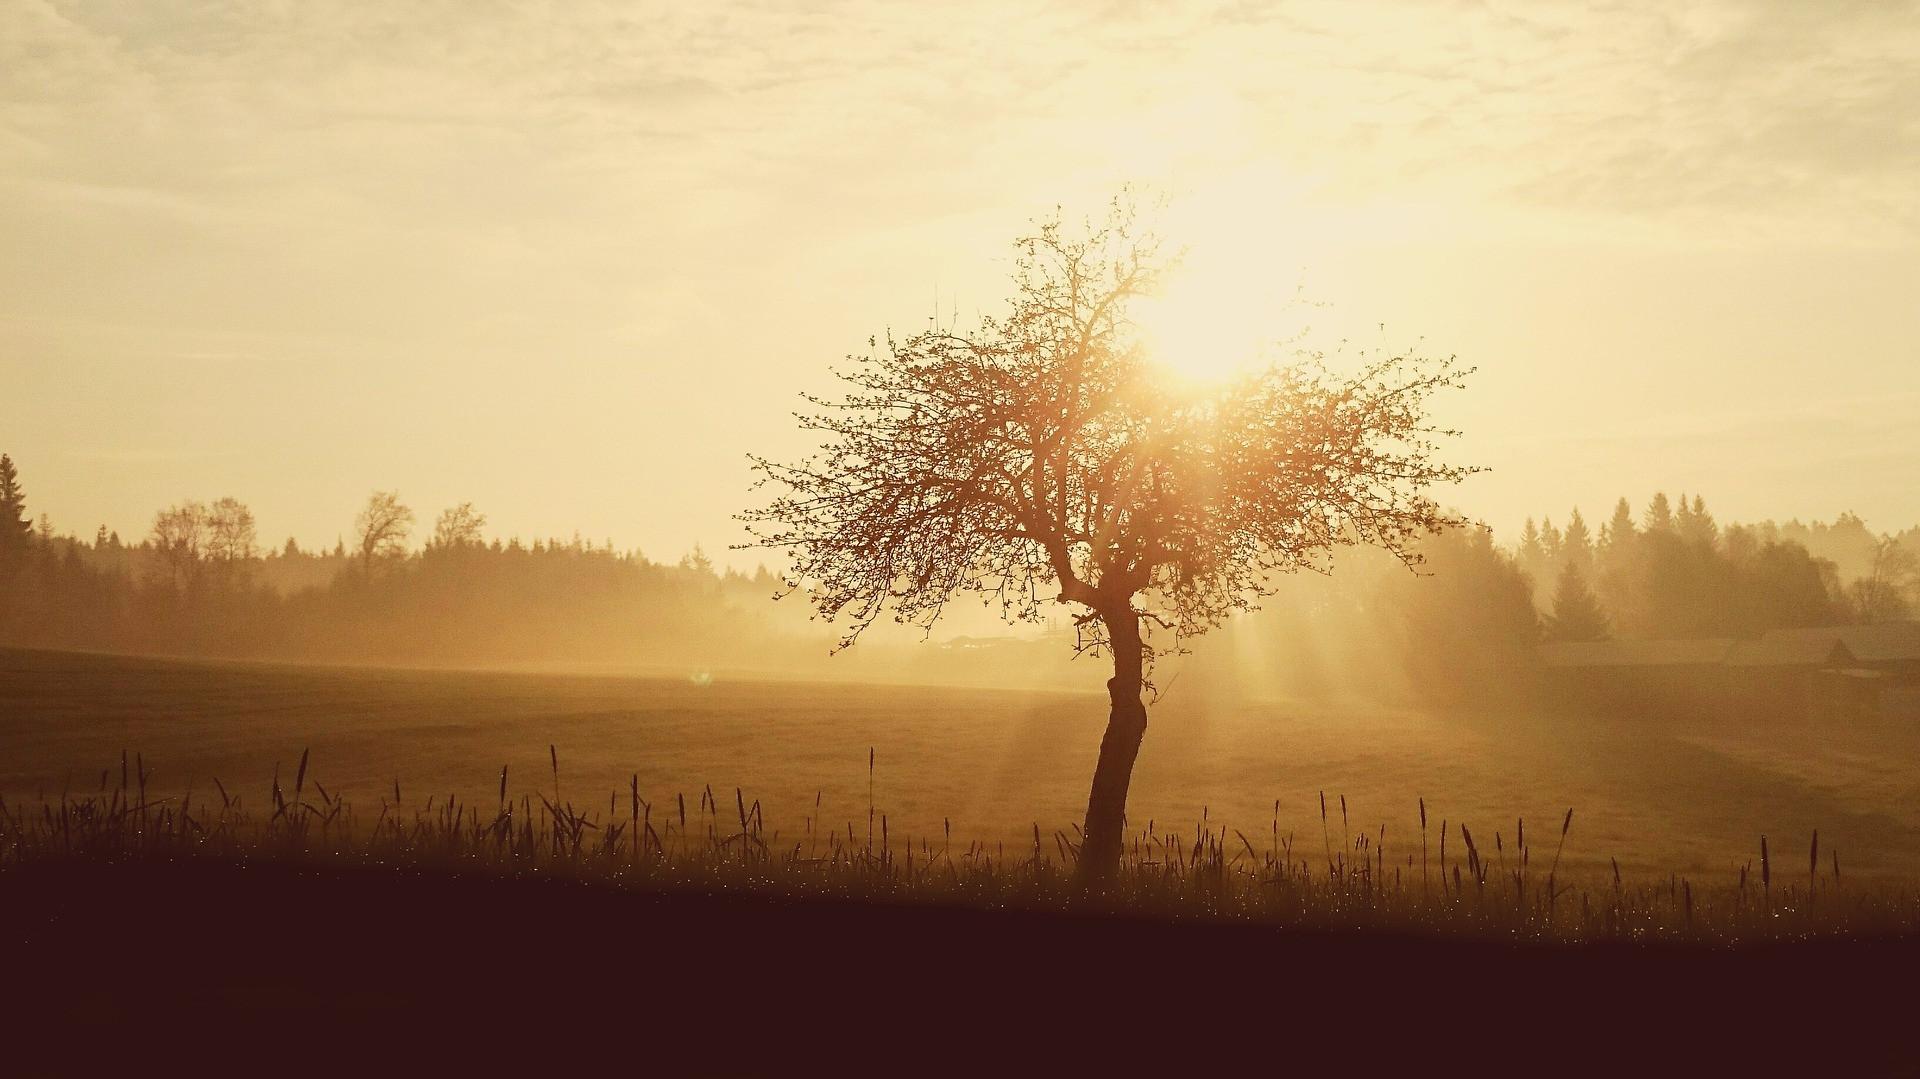 sunrise-1409090_1920.jpg